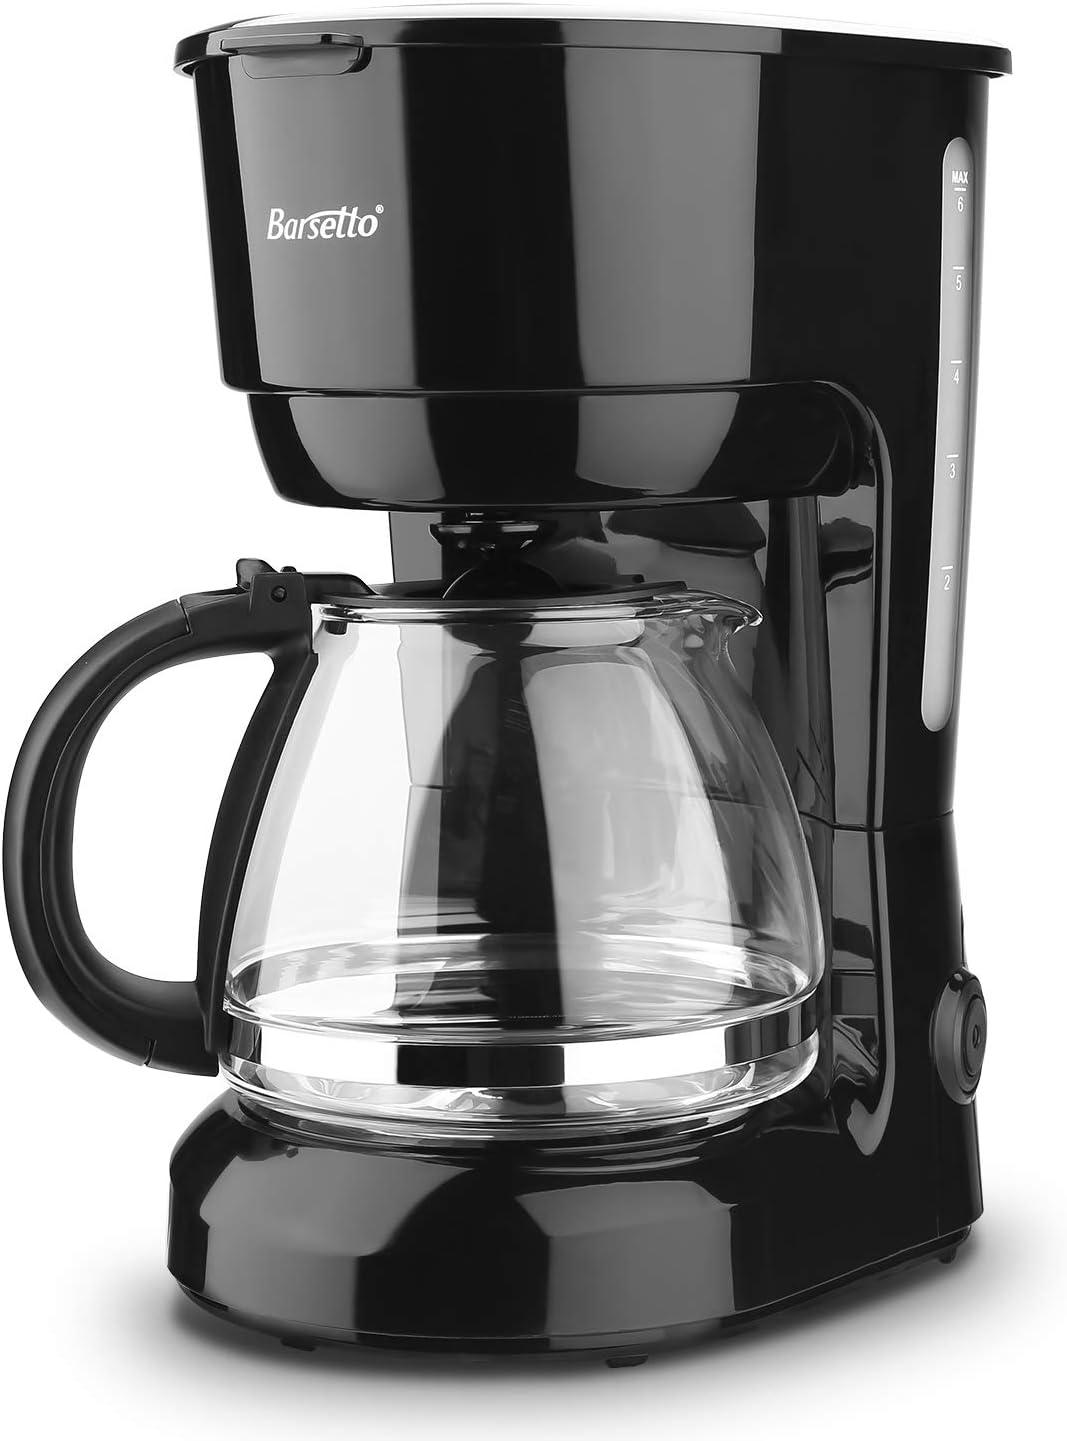 Cafetera de goteo Barsetto con 6 tazas de plástico Silent Drip con cafetera y filtro para Home Office: Amazon.es: Hogar